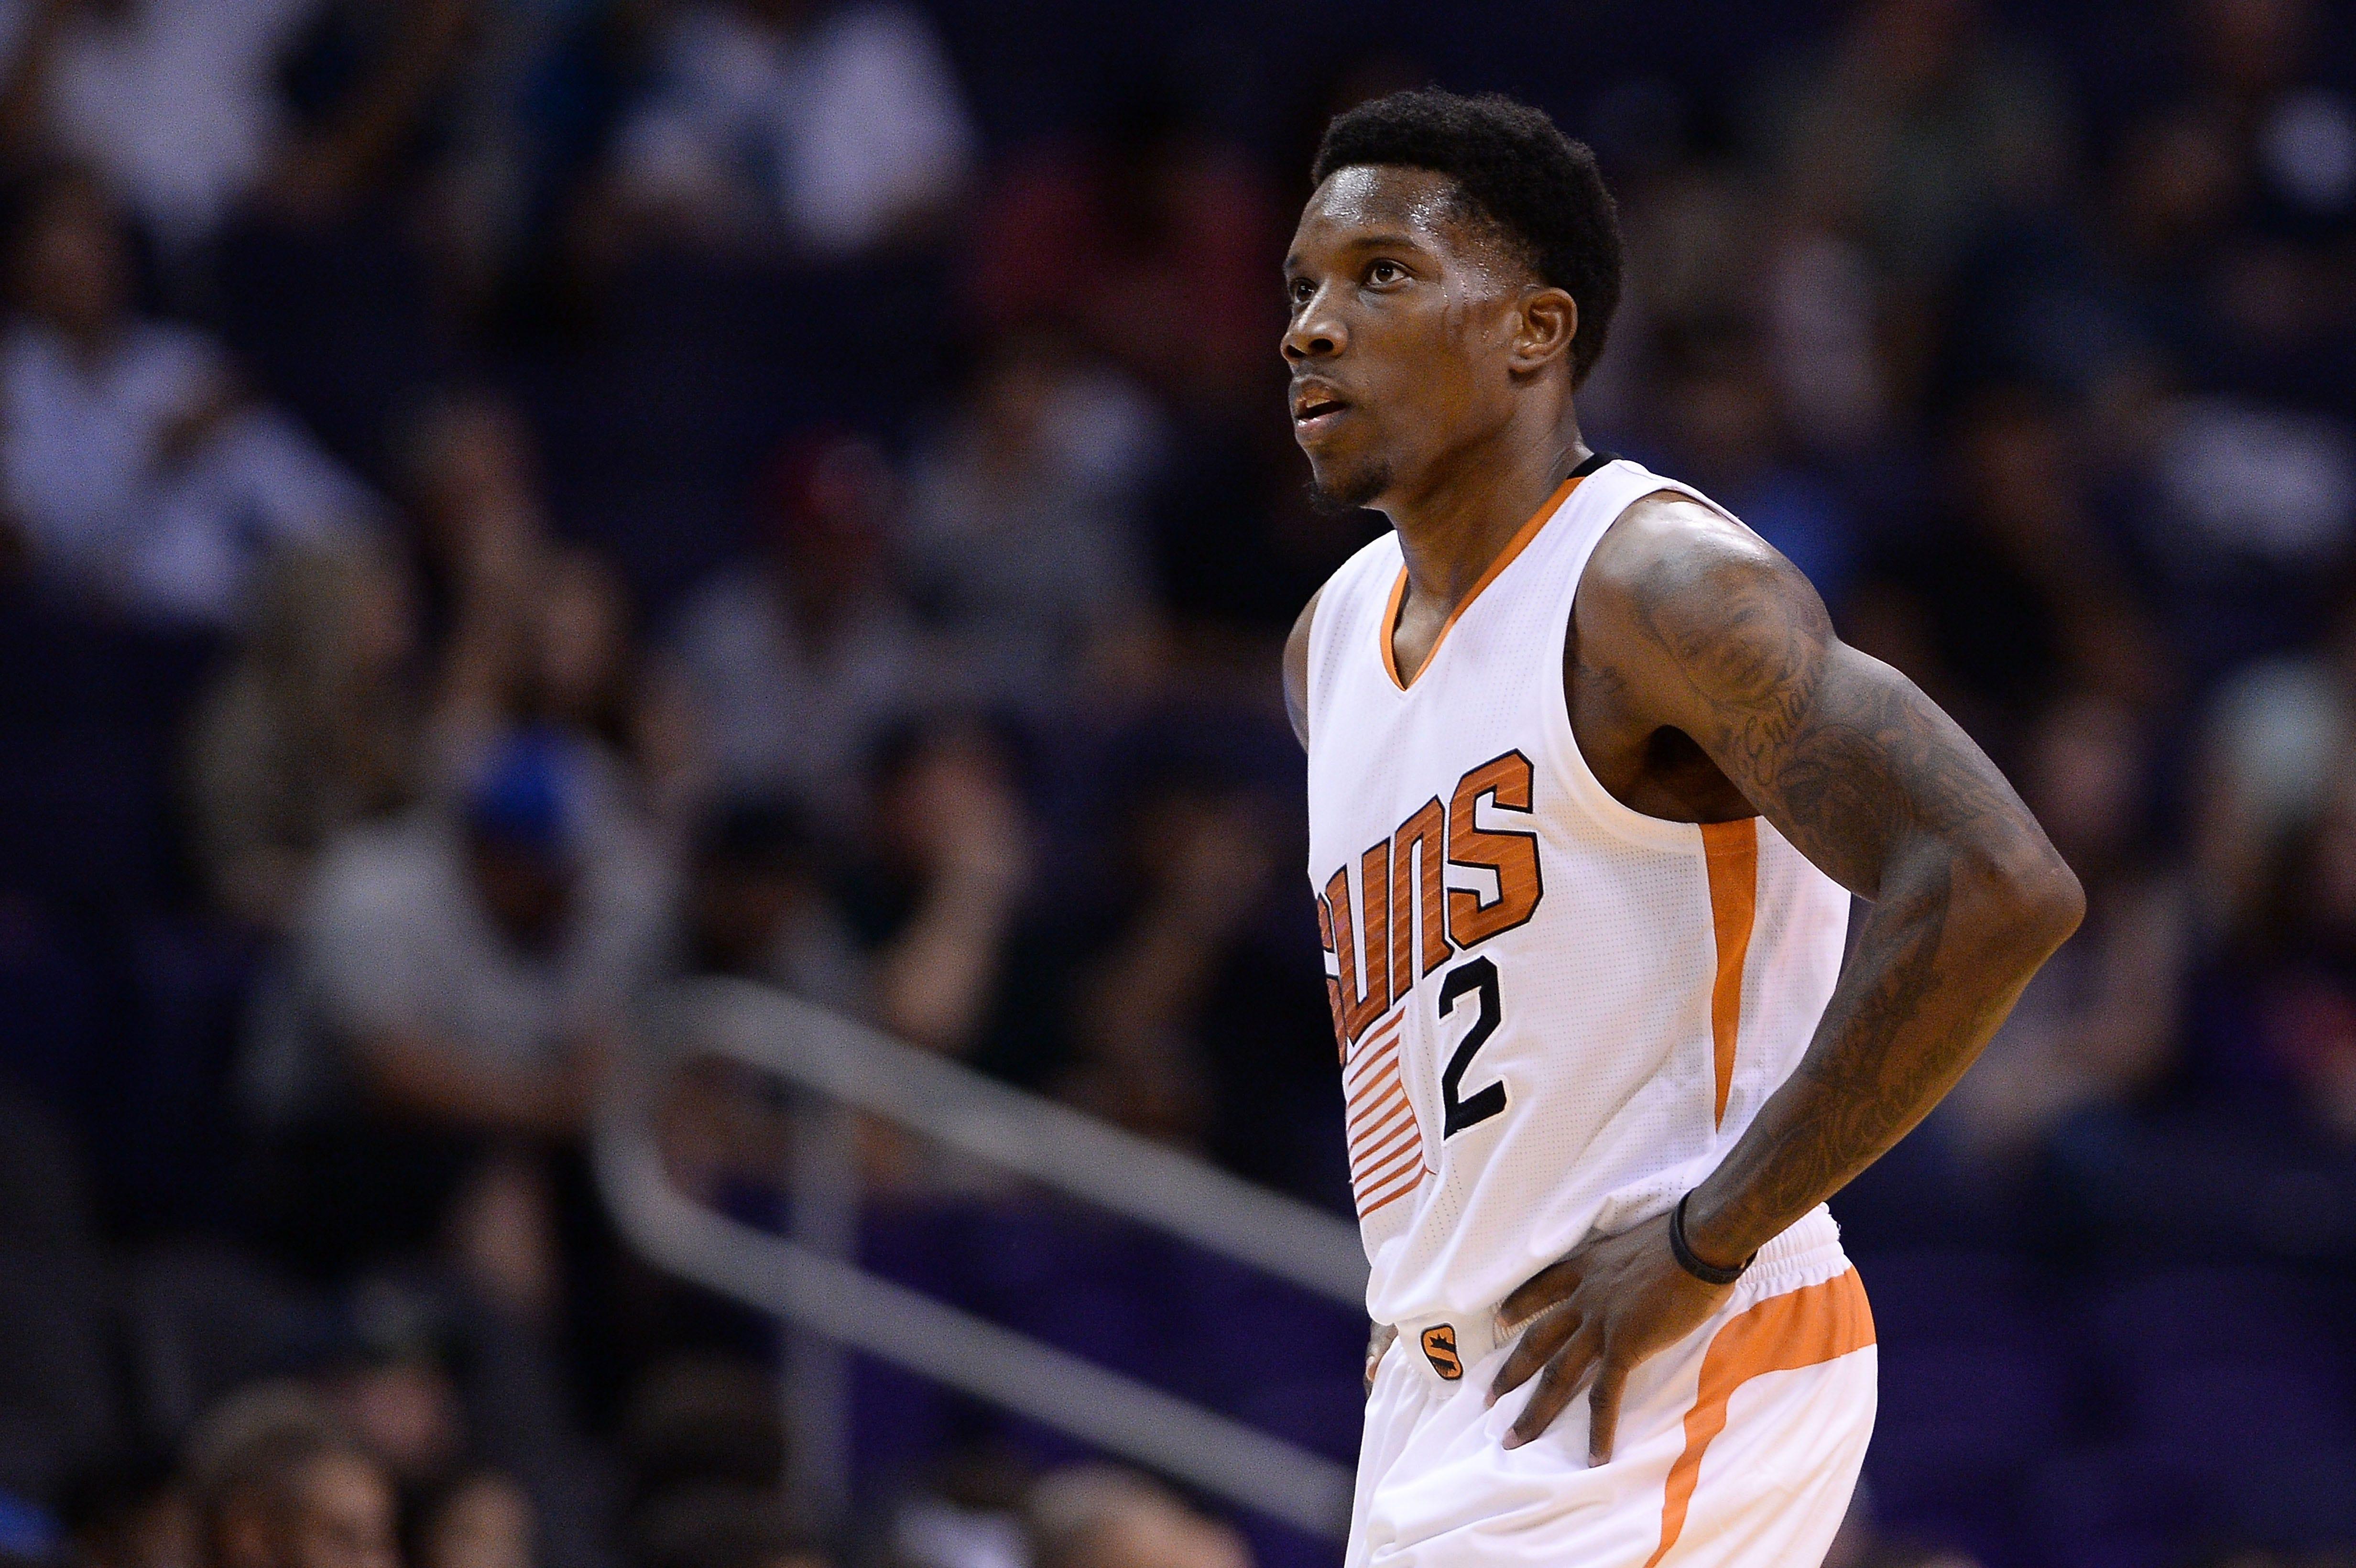 Suns guard Eric Bledsoe: I love Phoenix but 'I want to win'